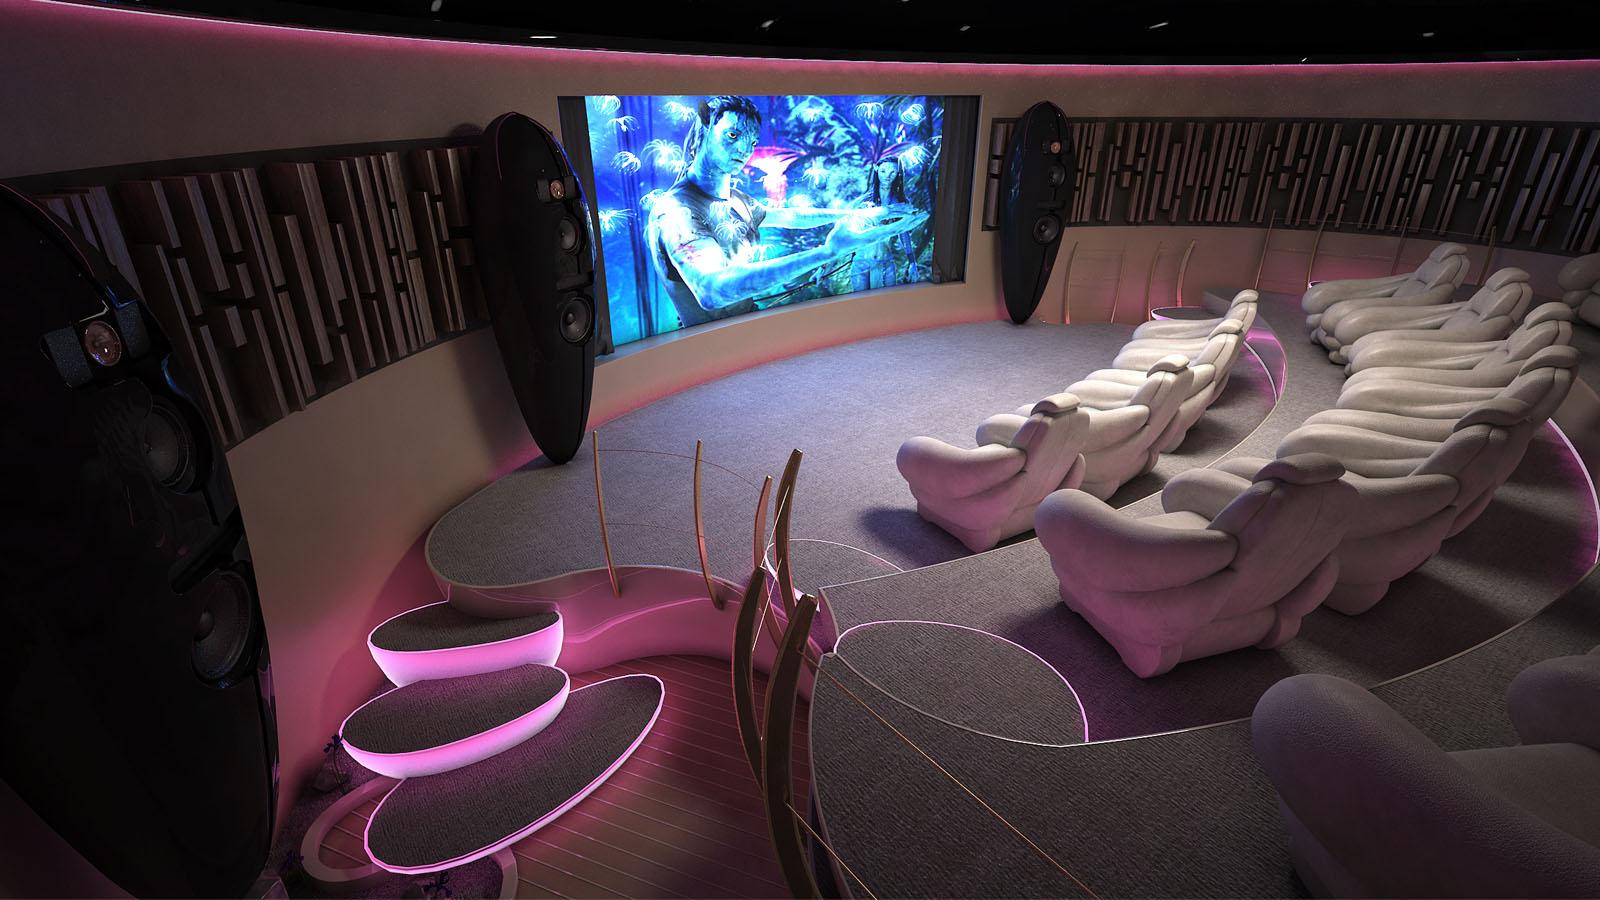 Sala de cine en una casa